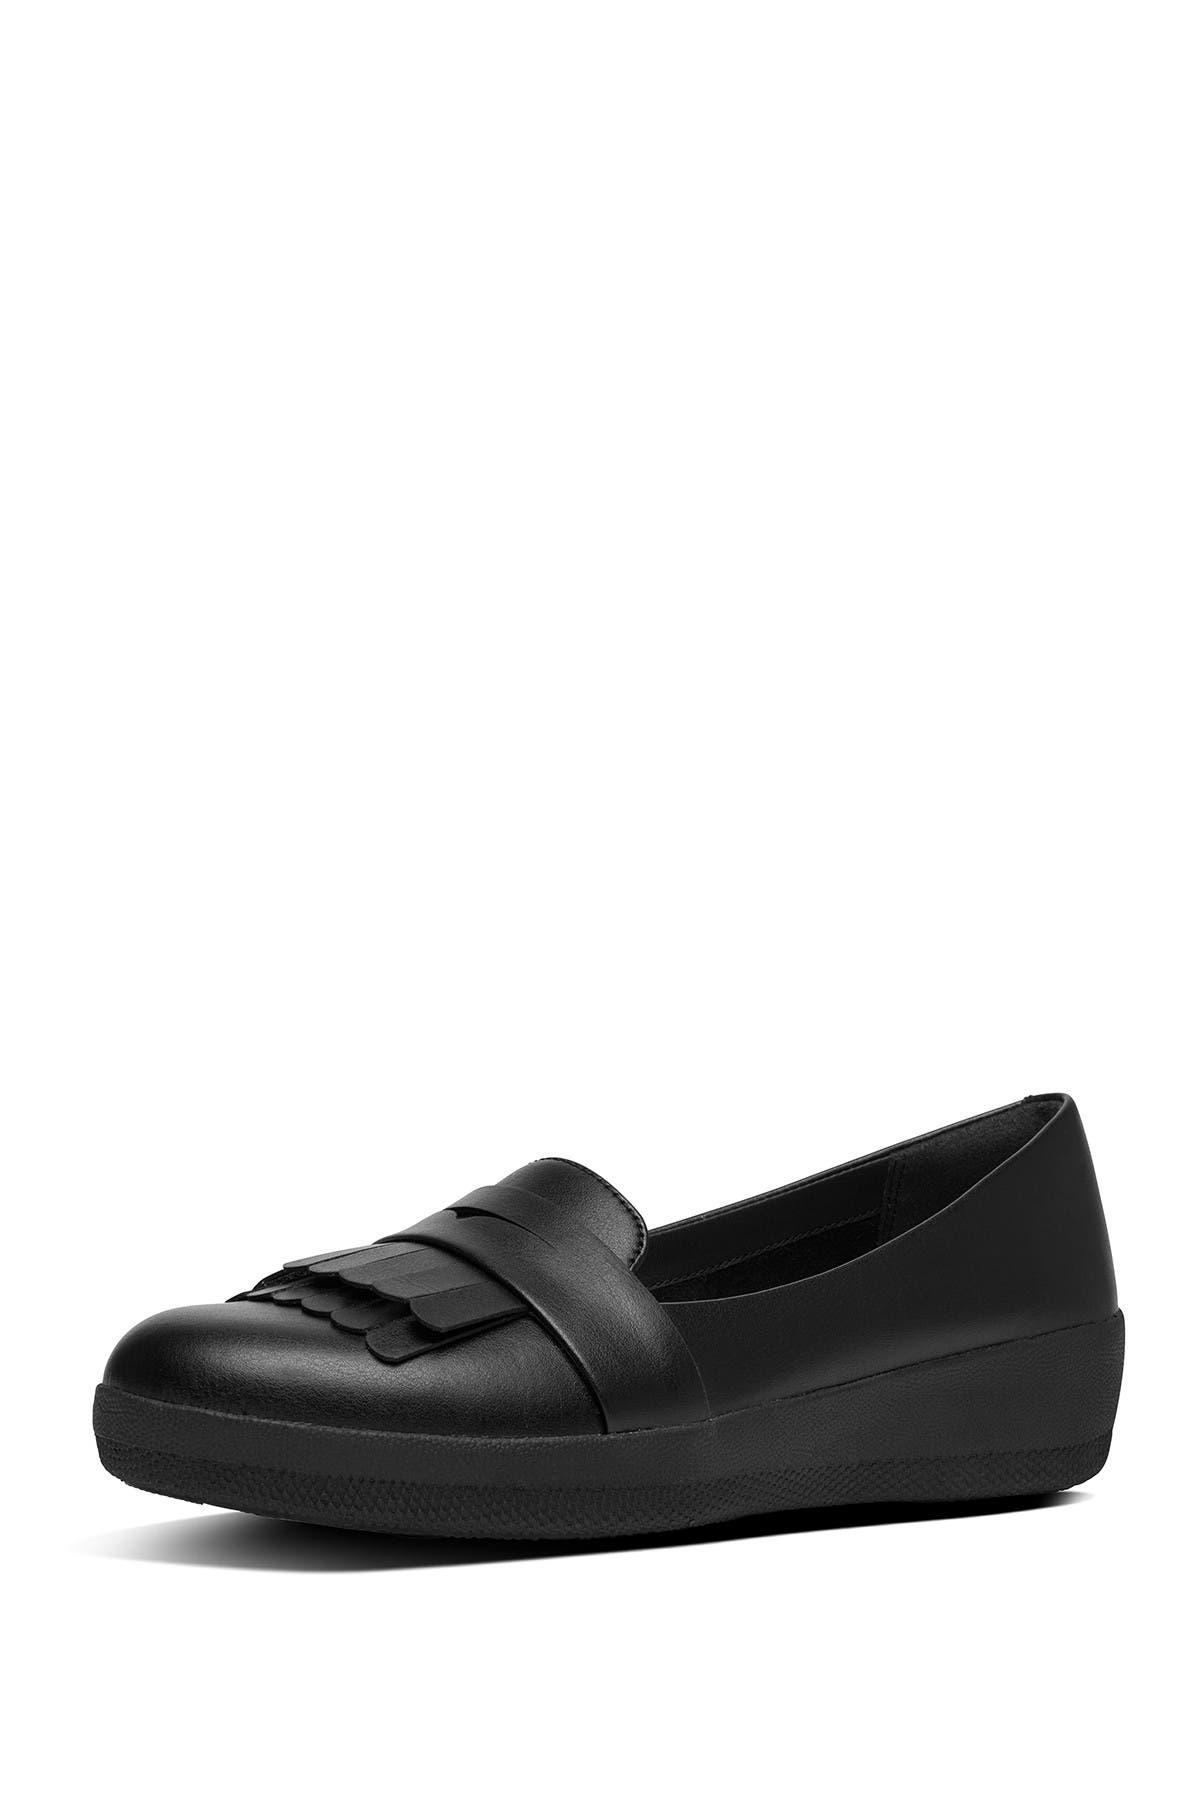 Image of Fitflop Vianne Fringe Trim Sneaker Loafer